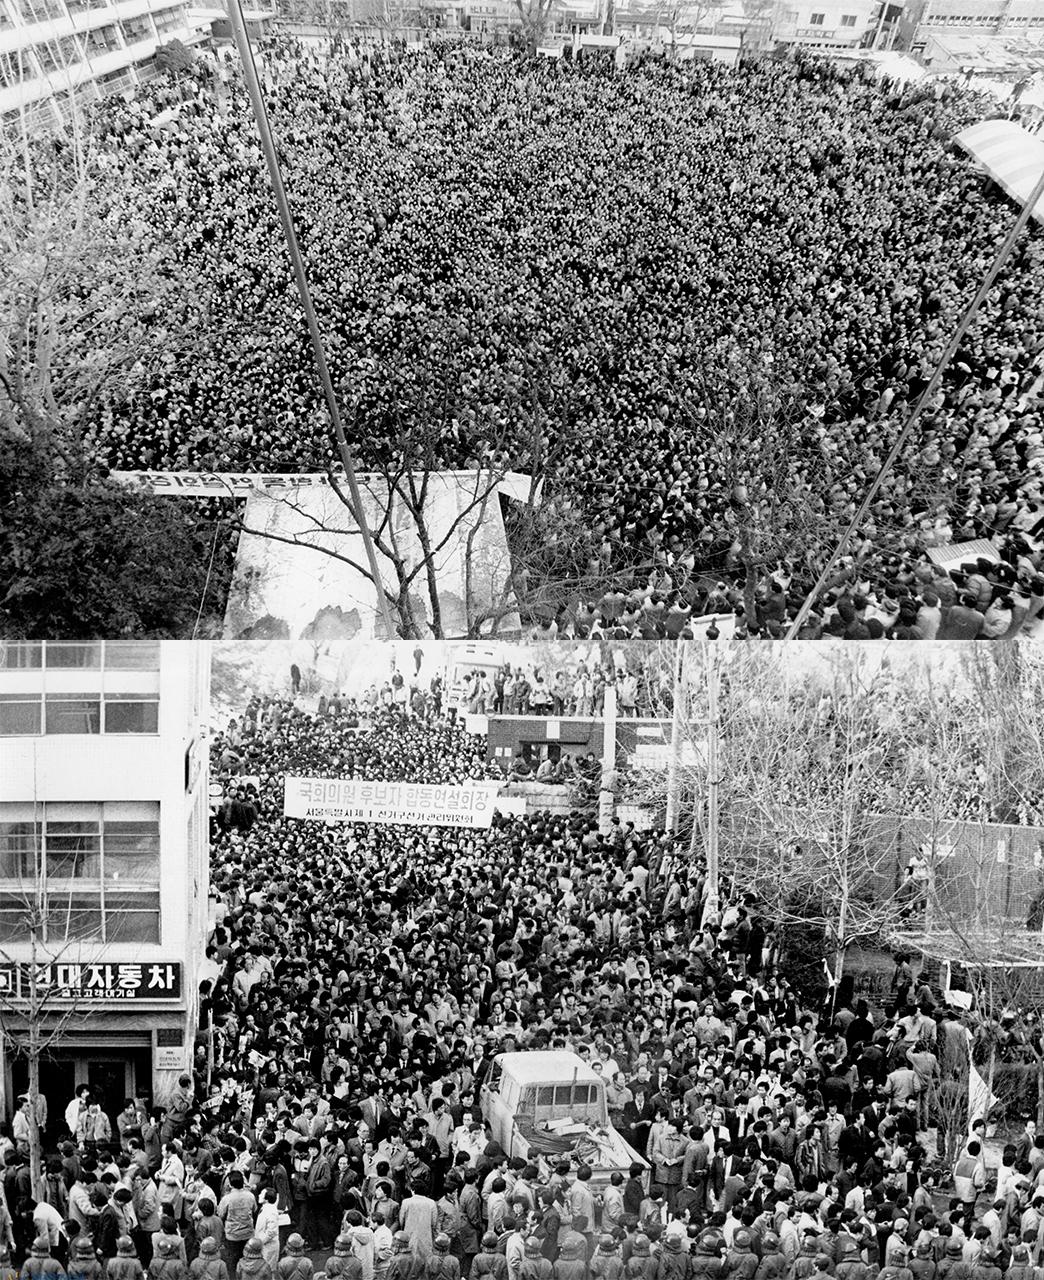 (위) 1985년 2월 1일 종로·중구 12대 총선 첫 합동연설회장인 창신초등학교에 몰린 인파. (아래) 1985년 2월 6일 종로·중구 12대 총선 마지막 합동연설회장인 신문로 구 서울고 교정에 들어가려는 사람들